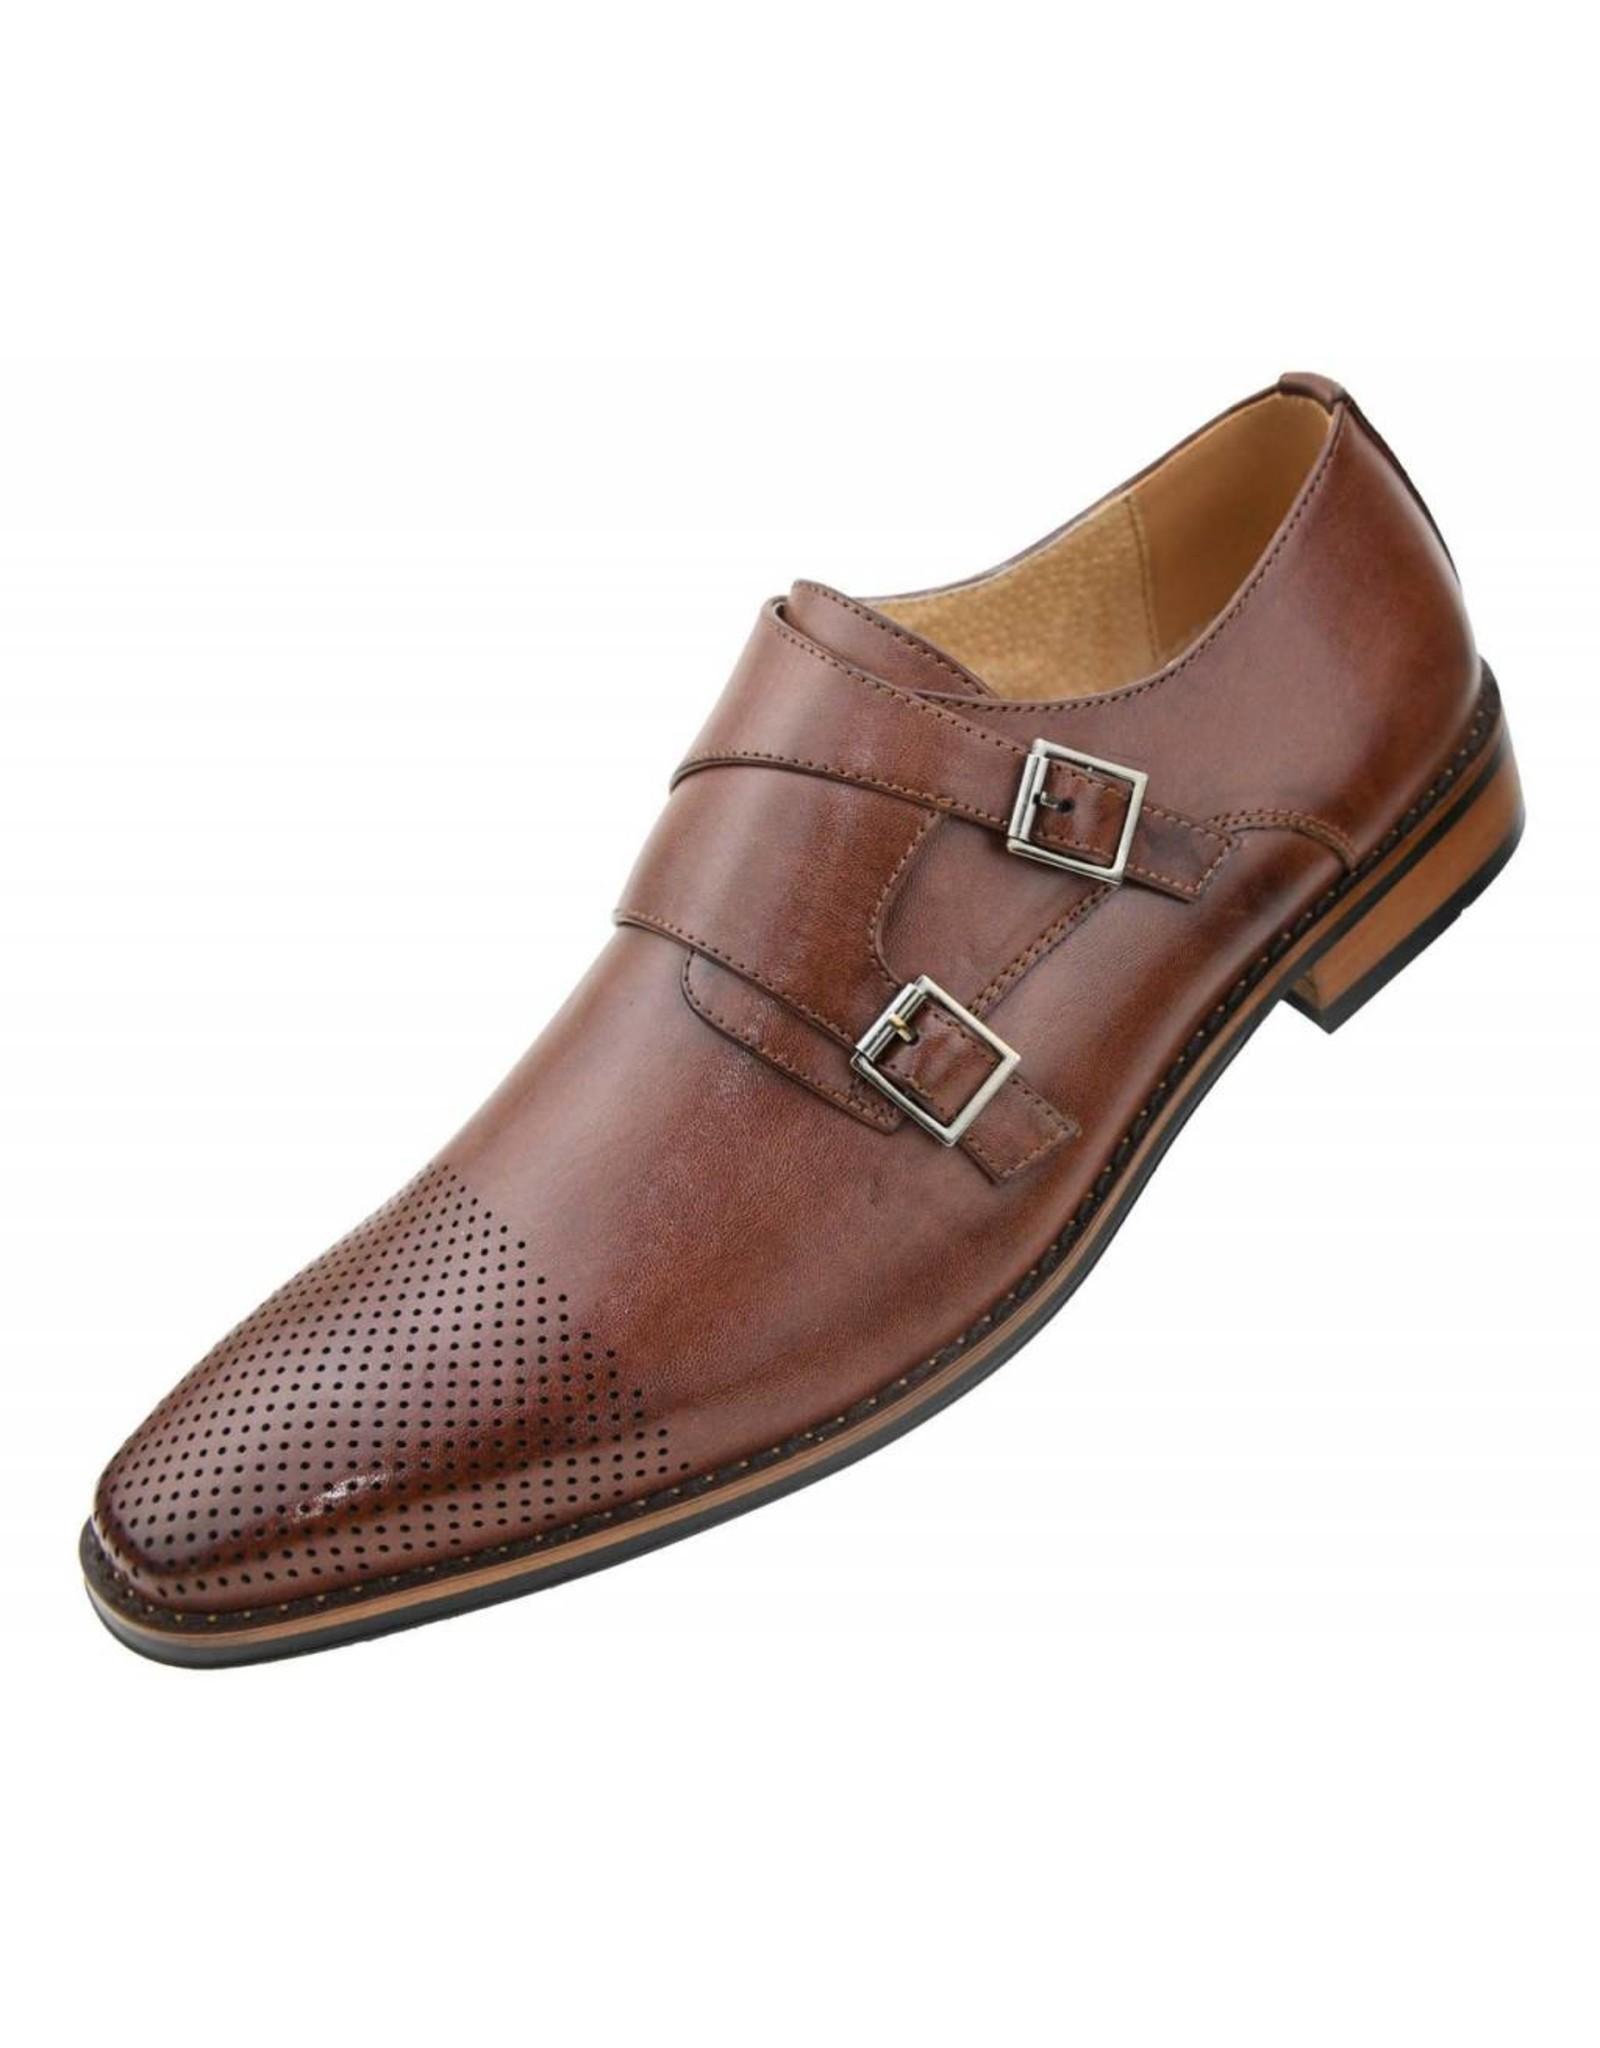 Amali Amali Deming Dress Shoe - Cognac